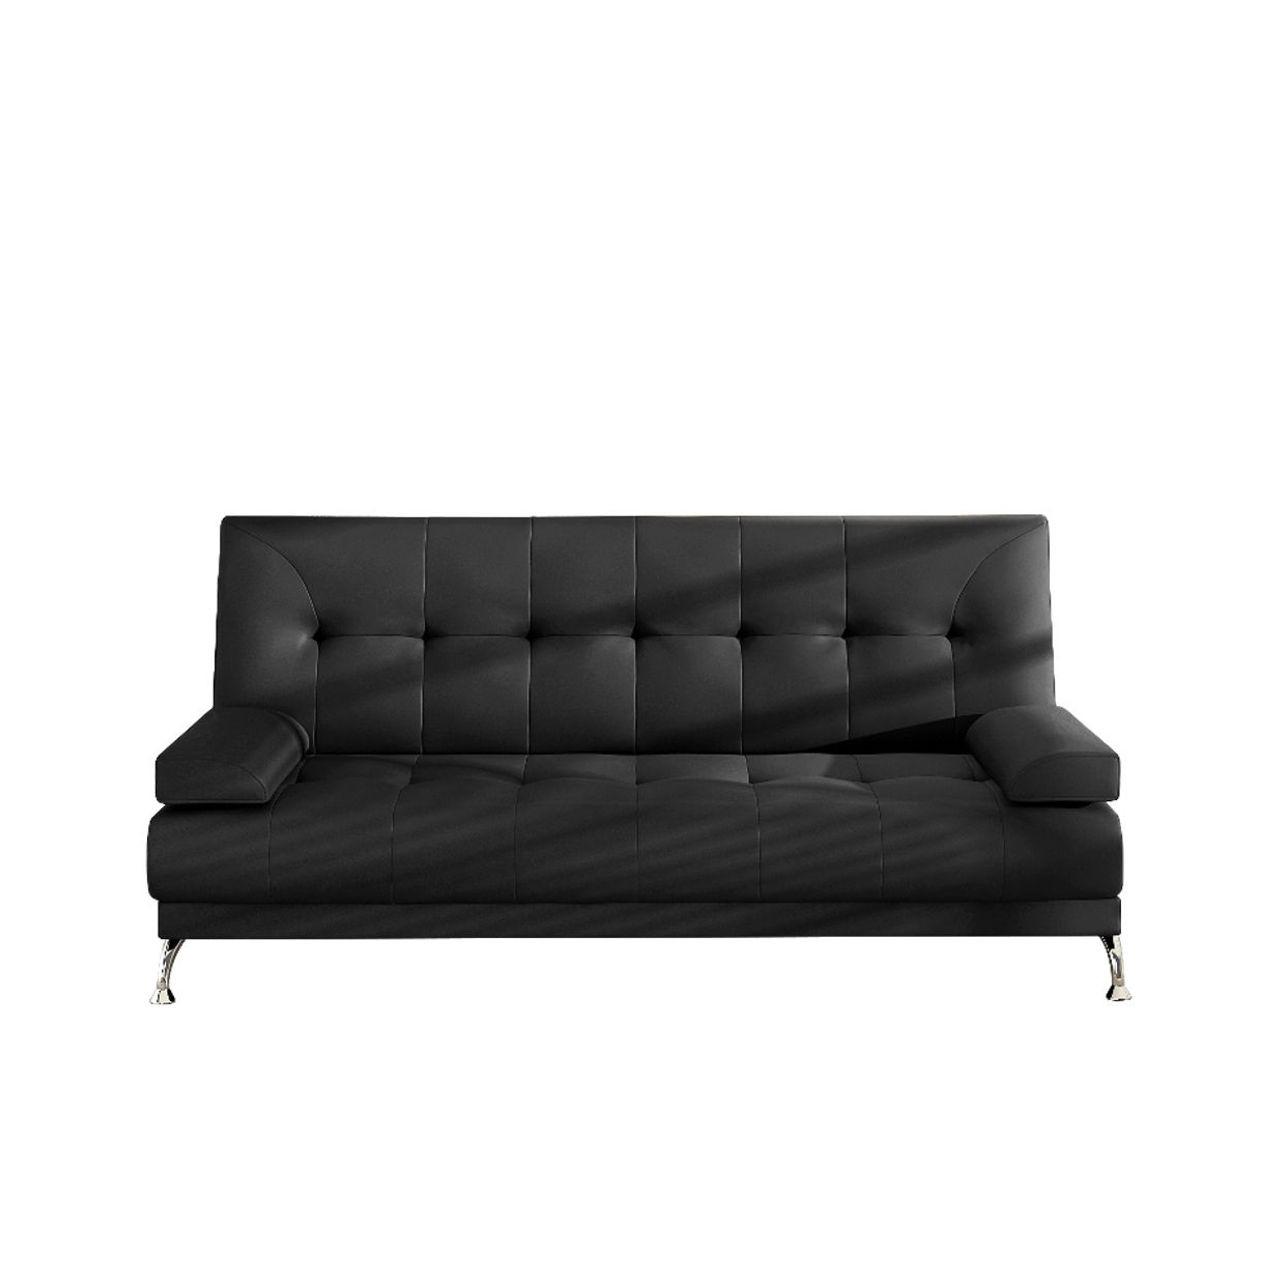 Full Size of Sofa Jugendzimmer Mit Schlaffunktion Microfaser In L Form Garnitur Mega Ewald Schillig Ikea Kunstleder Weiß Konfigurator Kaufen Günstig Höffner Big 3 2 1 Sofa Sofa Jugendzimmer